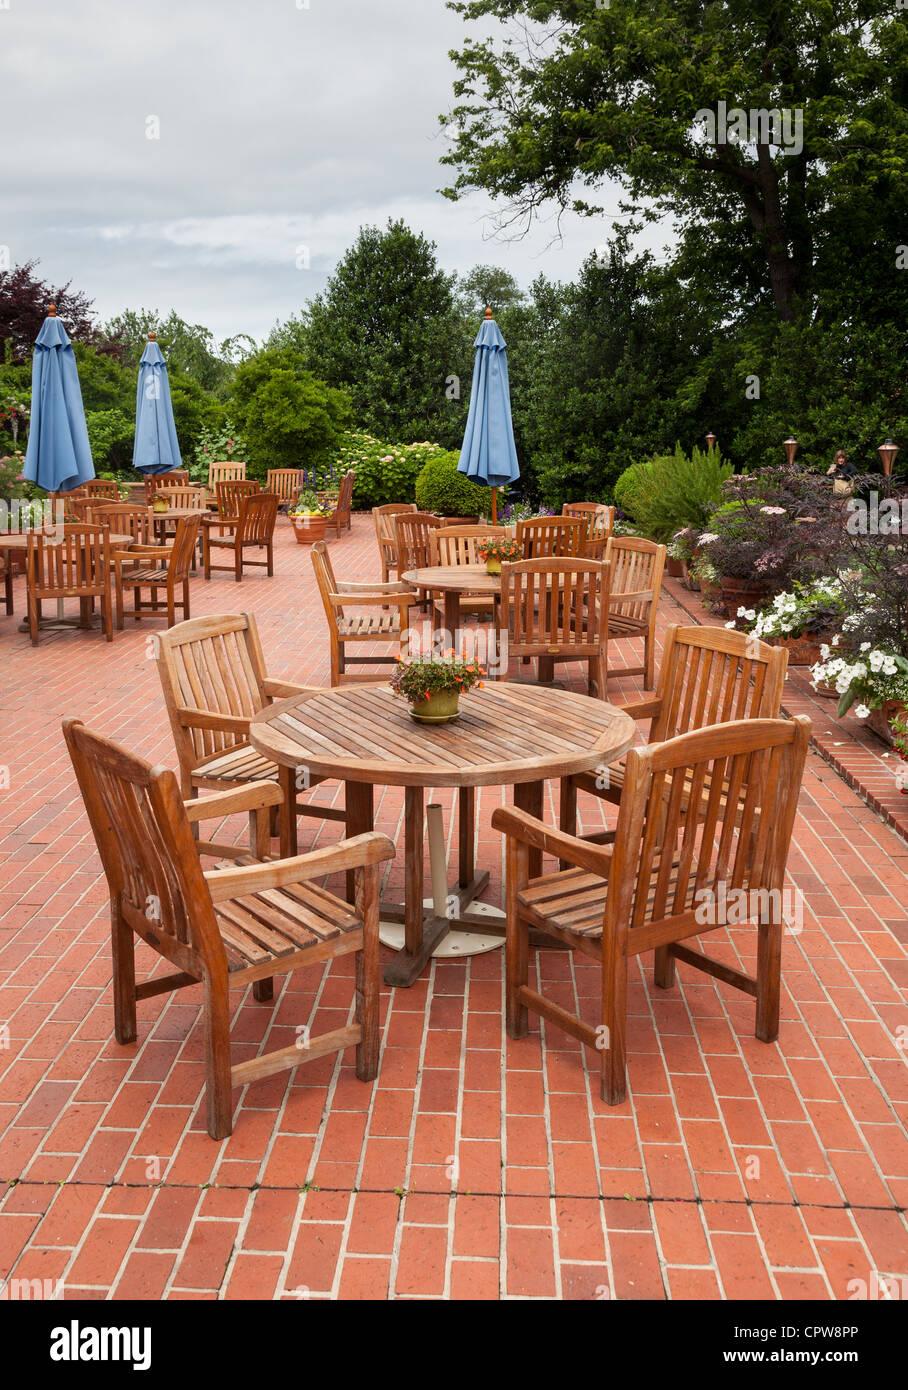 Tische und Stühle auf Ziegel Terrasse im Café oder restaurant Stockbild